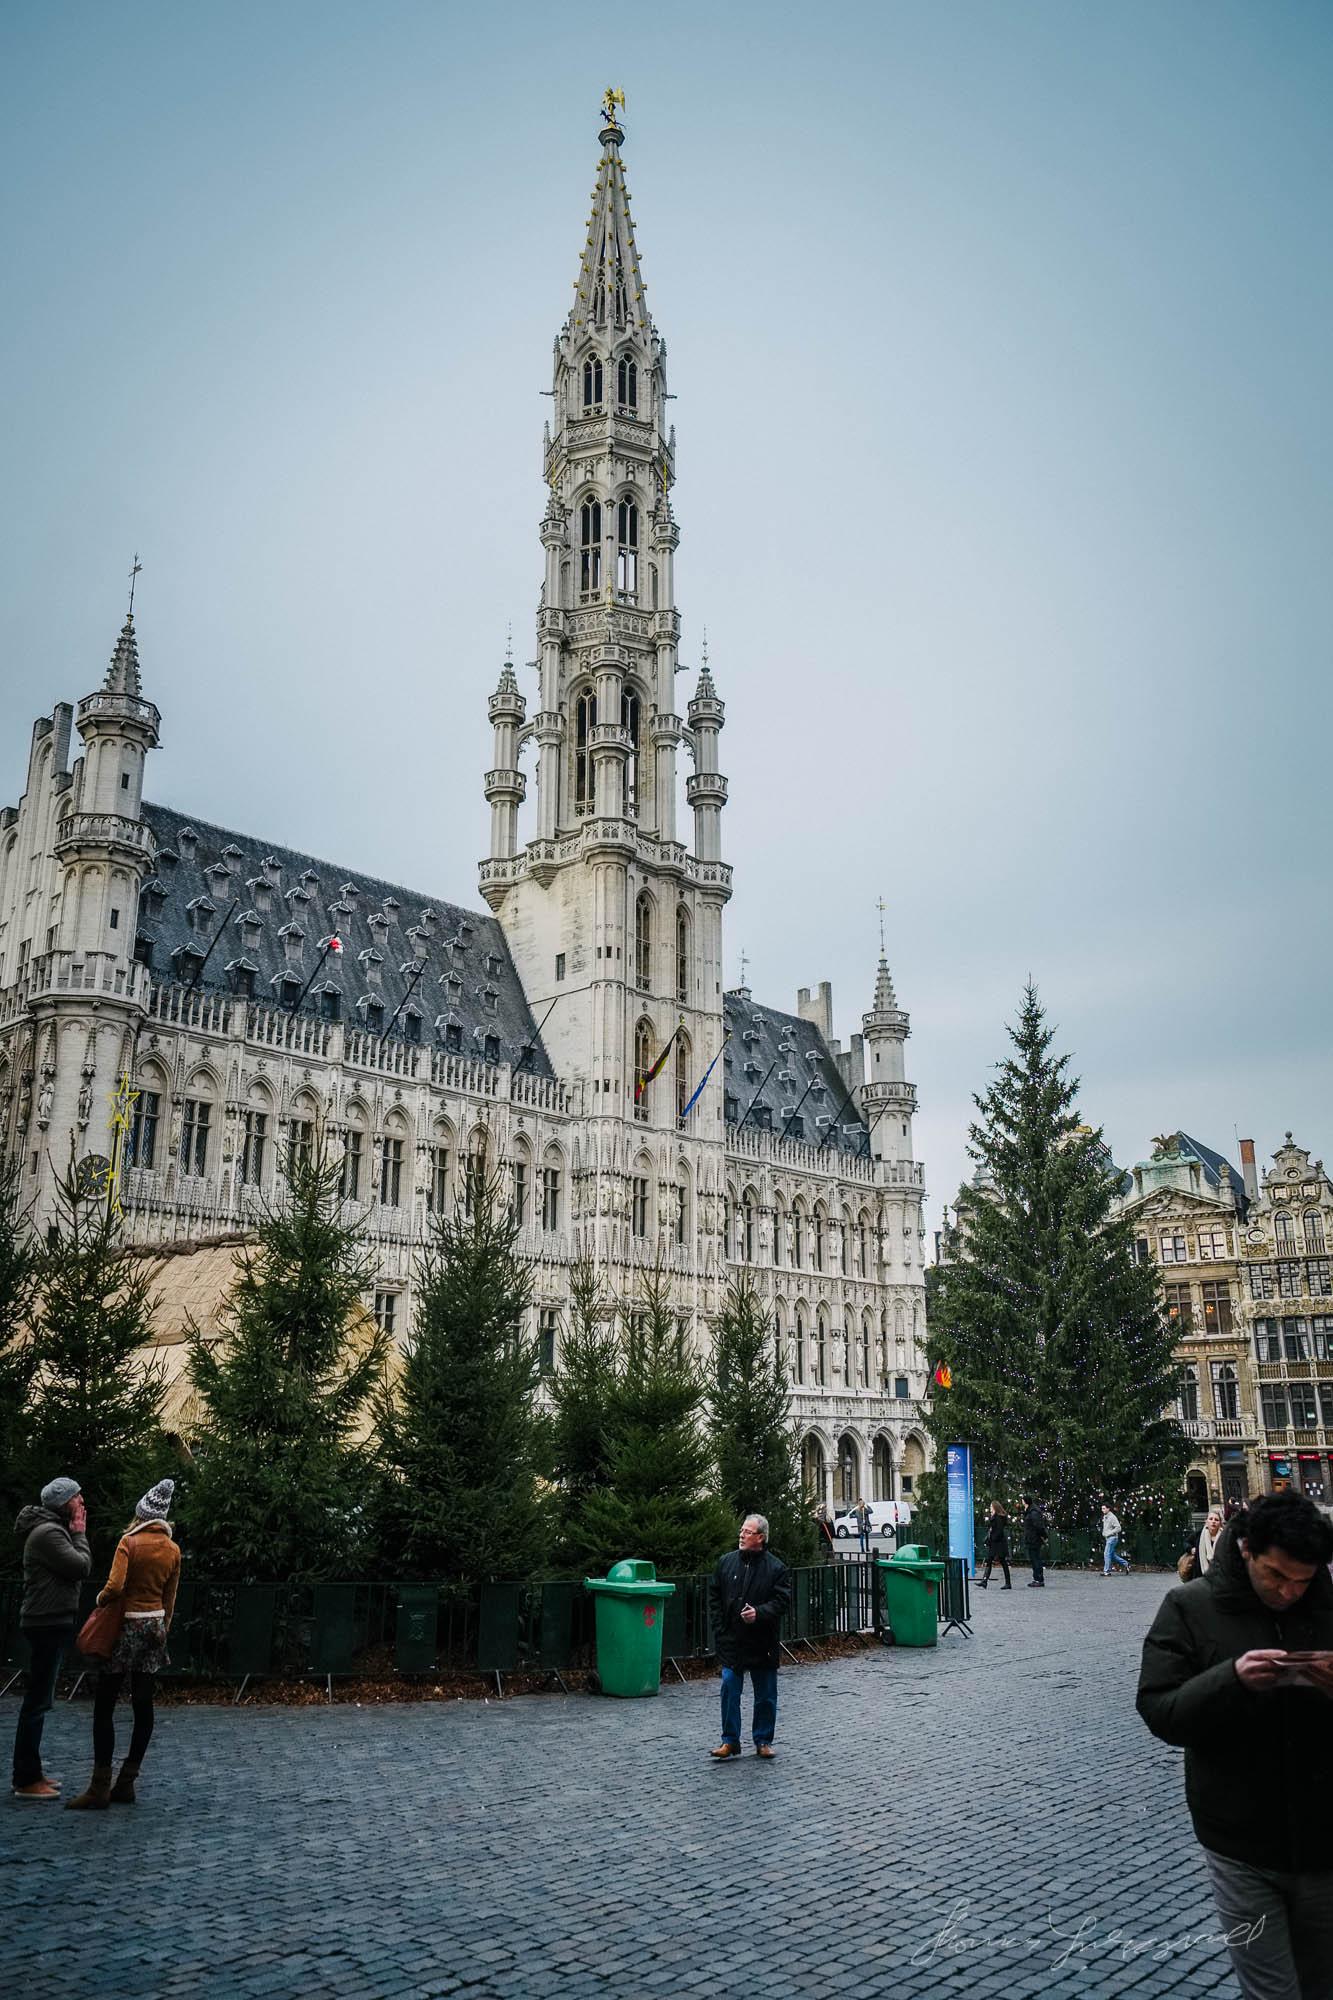 Brussels-Fuji-XE1-18